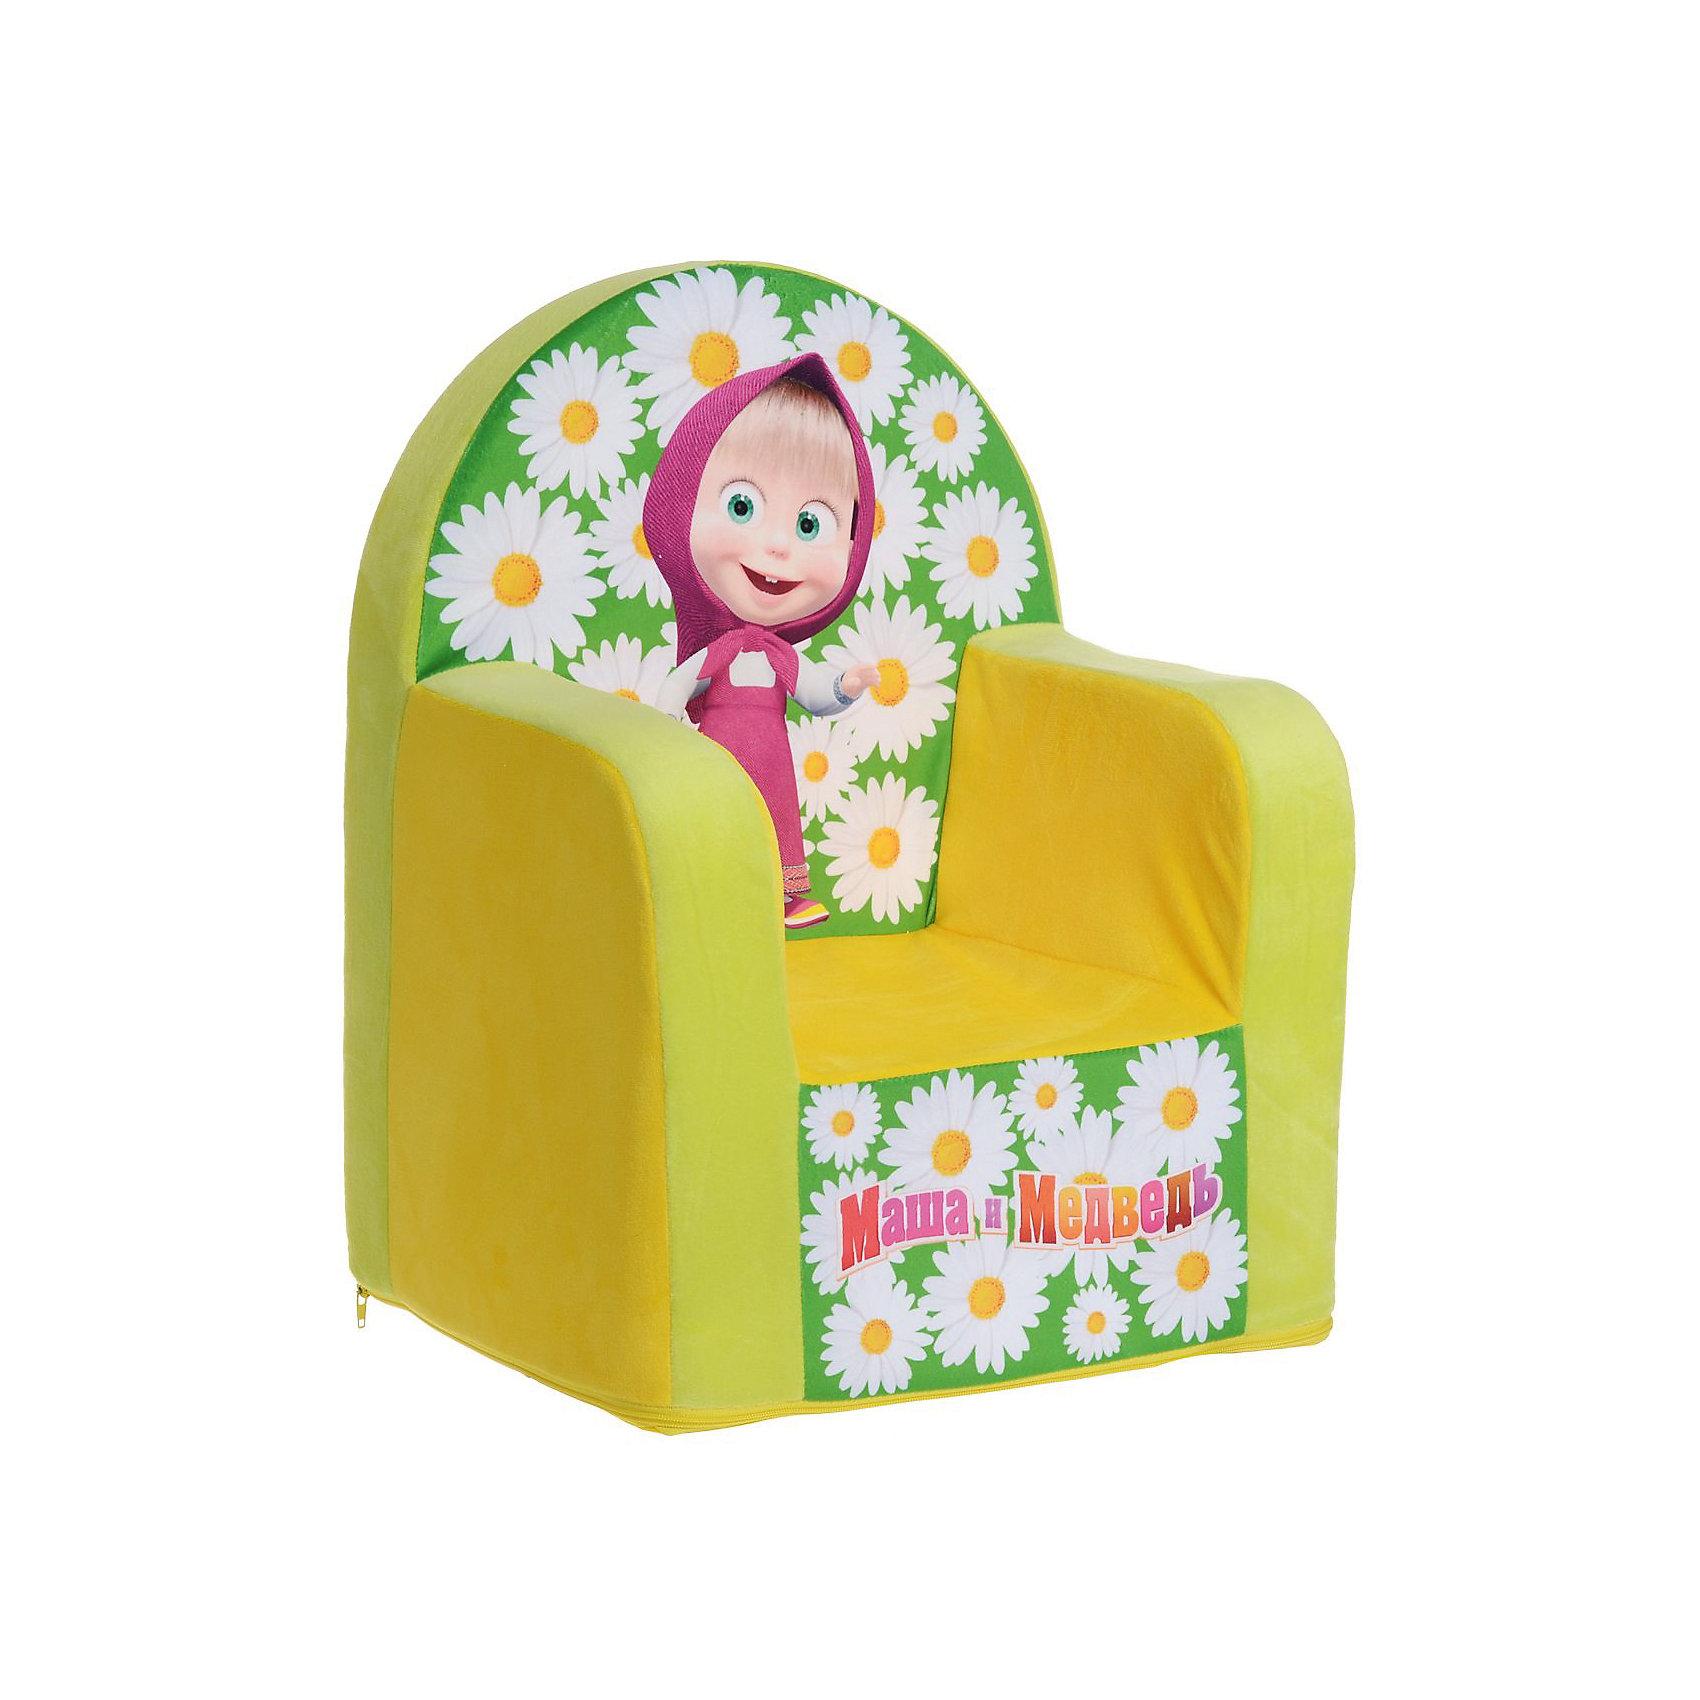 Мягкое кресло с чехлом 53*41*32 Маша и Медведь, СмолТойс, желтыйДетям очень важно иметь свои вещи, это касается не только посуды и игрушек, но и мебели. Именно поэтому такое кресло станет действительно желанным подарком для малыша. Тем более, что на нем есть изображение любимых мультяшных герои современных детей - Маши и Медведя.<br>Обивка кресла - мягкая и приятная на ощупь. Внутри предмет заполнен мягким пенополиуретаном, кресло имеет съемный чехол, который можно постирать при необходимости! Кресло легкое, но устойчивое. Детям будет интересно и удобно в нем сидеть или играть. Такое яркое и симпатичное кресло оживит и украсит комнату ребенка!<br><br>Дополнительная информация:<br><br>цвет: разноцветный;<br>материал: трикотаж, пенополиуретан, дерево;<br>декорировано изображением Маши и Медведя;<br>съемный чехол;<br>размер: 530 х 320 х 410 мм.<br><br>Мягкое кресло с чехлом 53*41*32 Маша и Медведь можно купить в нашем магазине.<br><br>Ширина мм: 32<br>Глубина мм: 41<br>Высота мм: 53<br>Вес г: 1780<br>Возраст от месяцев: 36<br>Возраст до месяцев: 1188<br>Пол: Унисекс<br>Возраст: Детский<br>SKU: 4996596